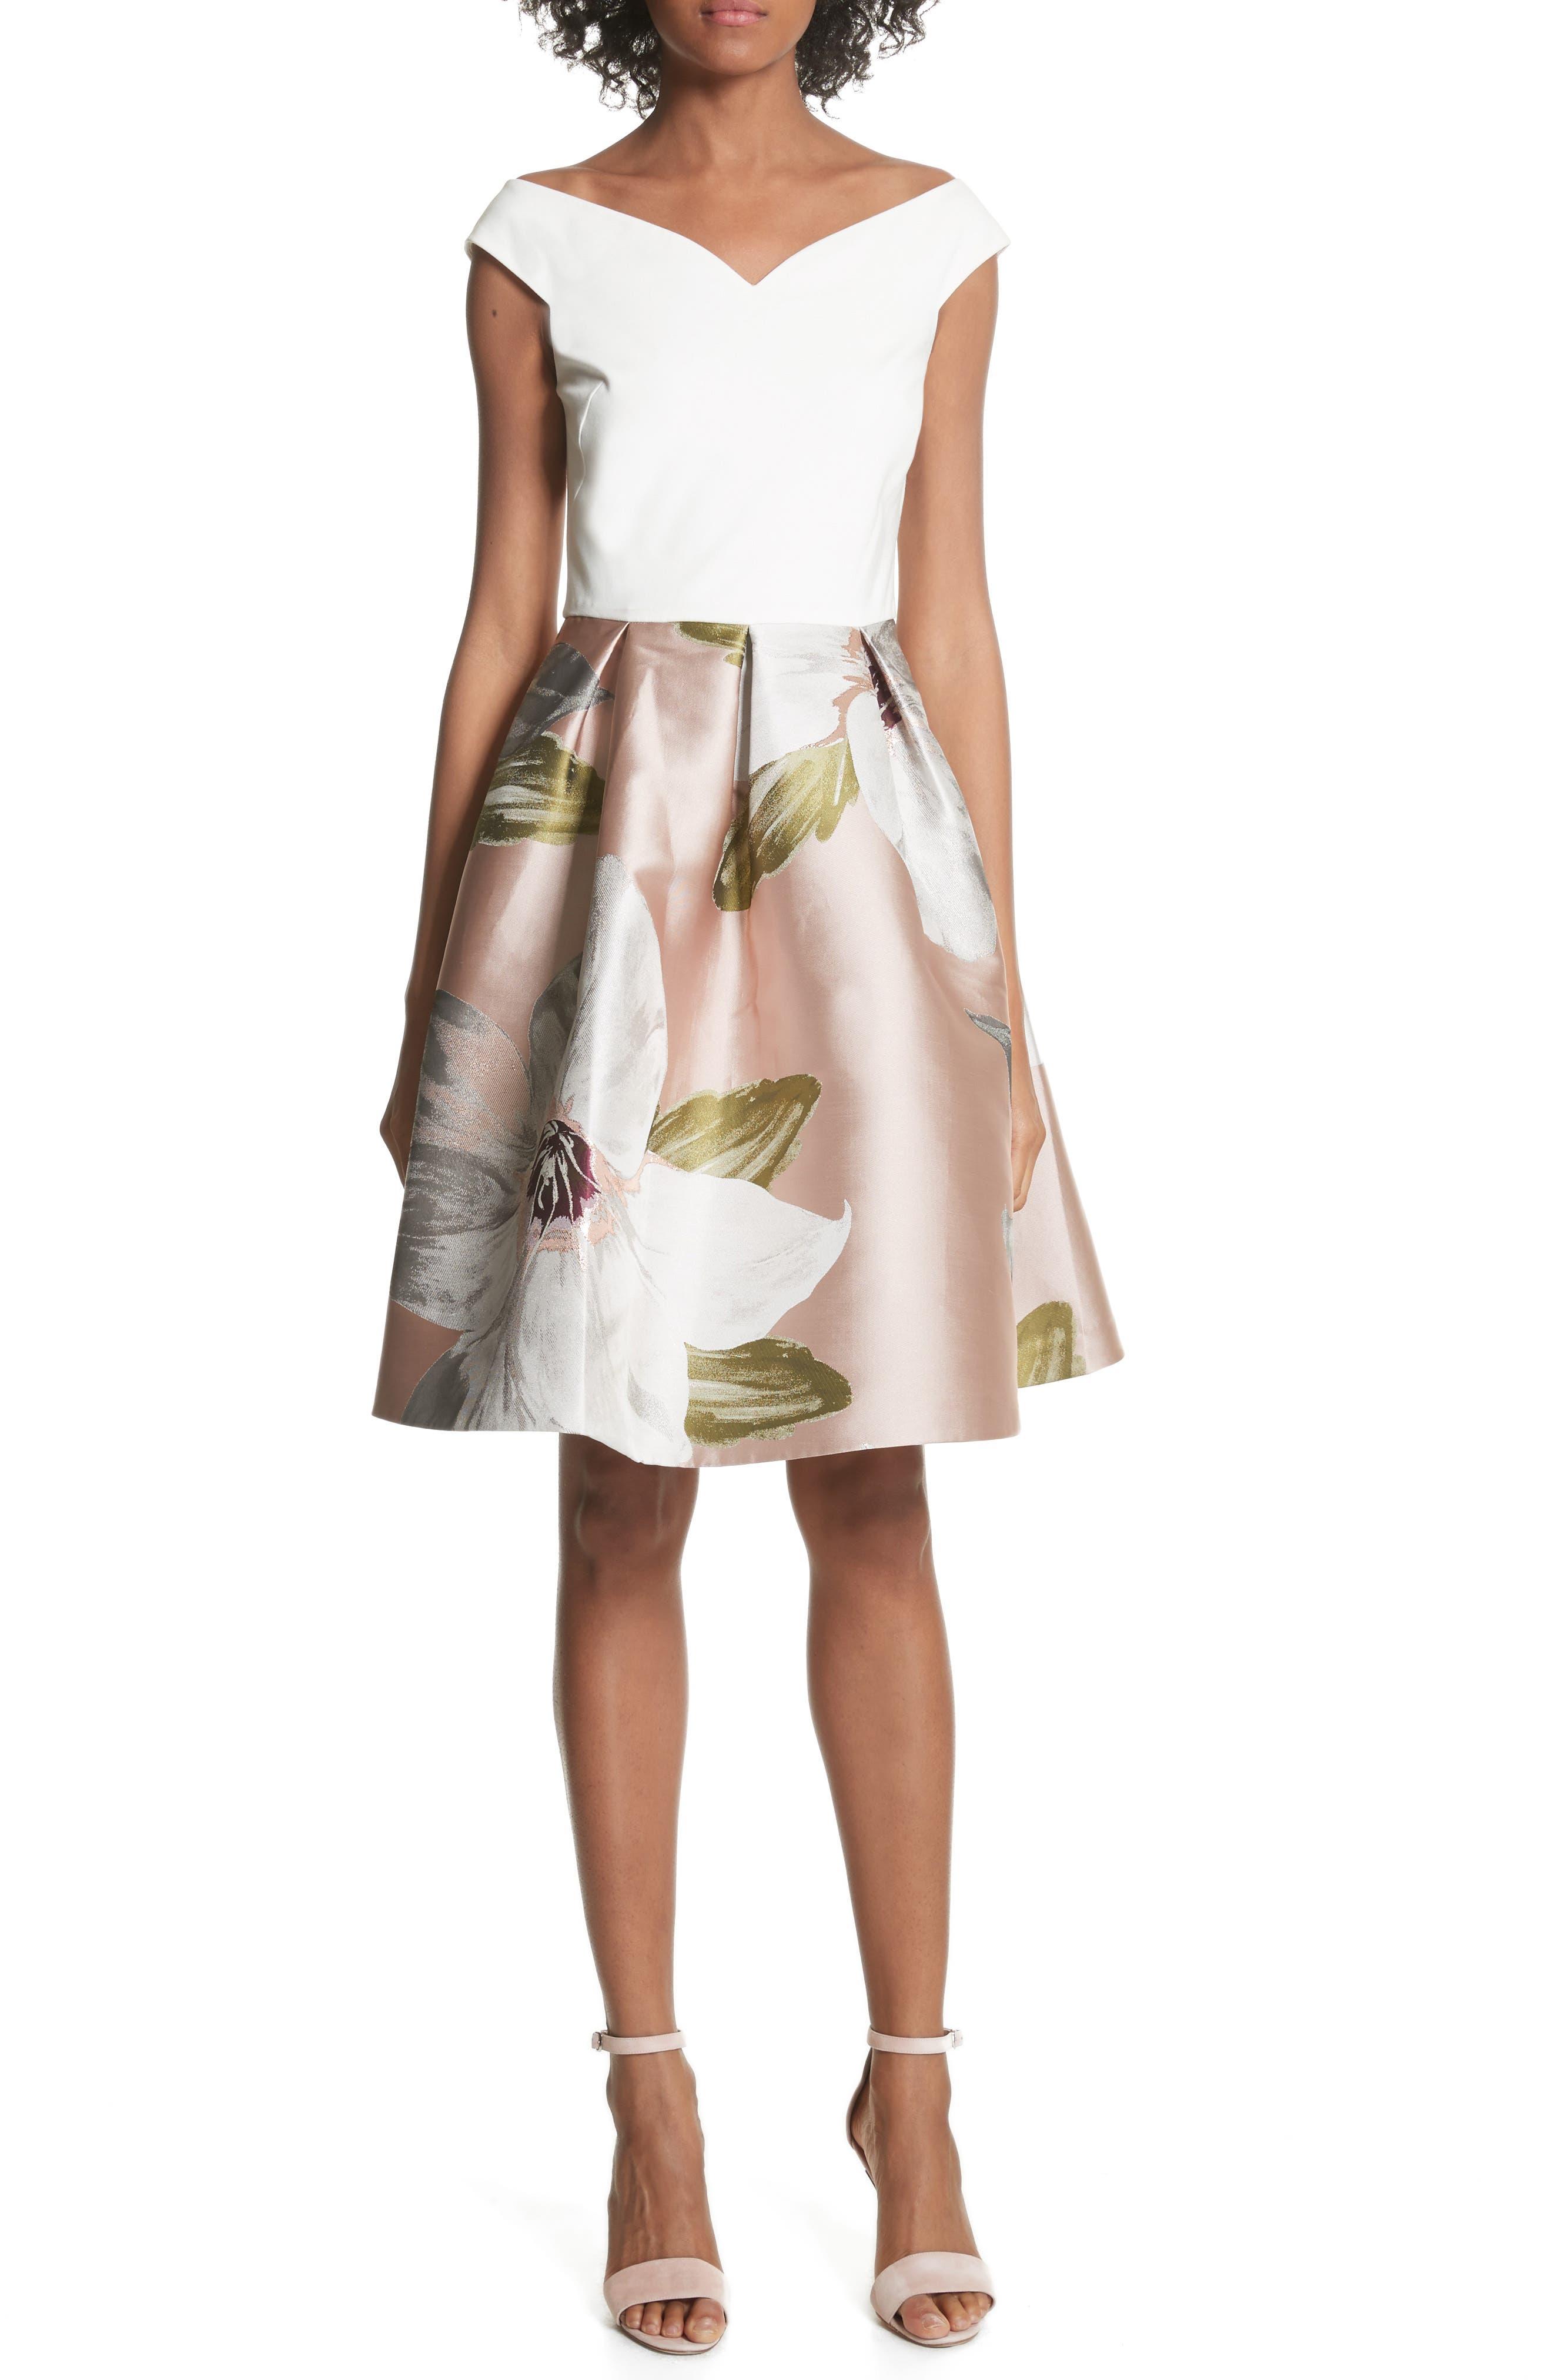 Chatsworth Fit & Flare Dress,                             Main thumbnail 1, color,                             Natural